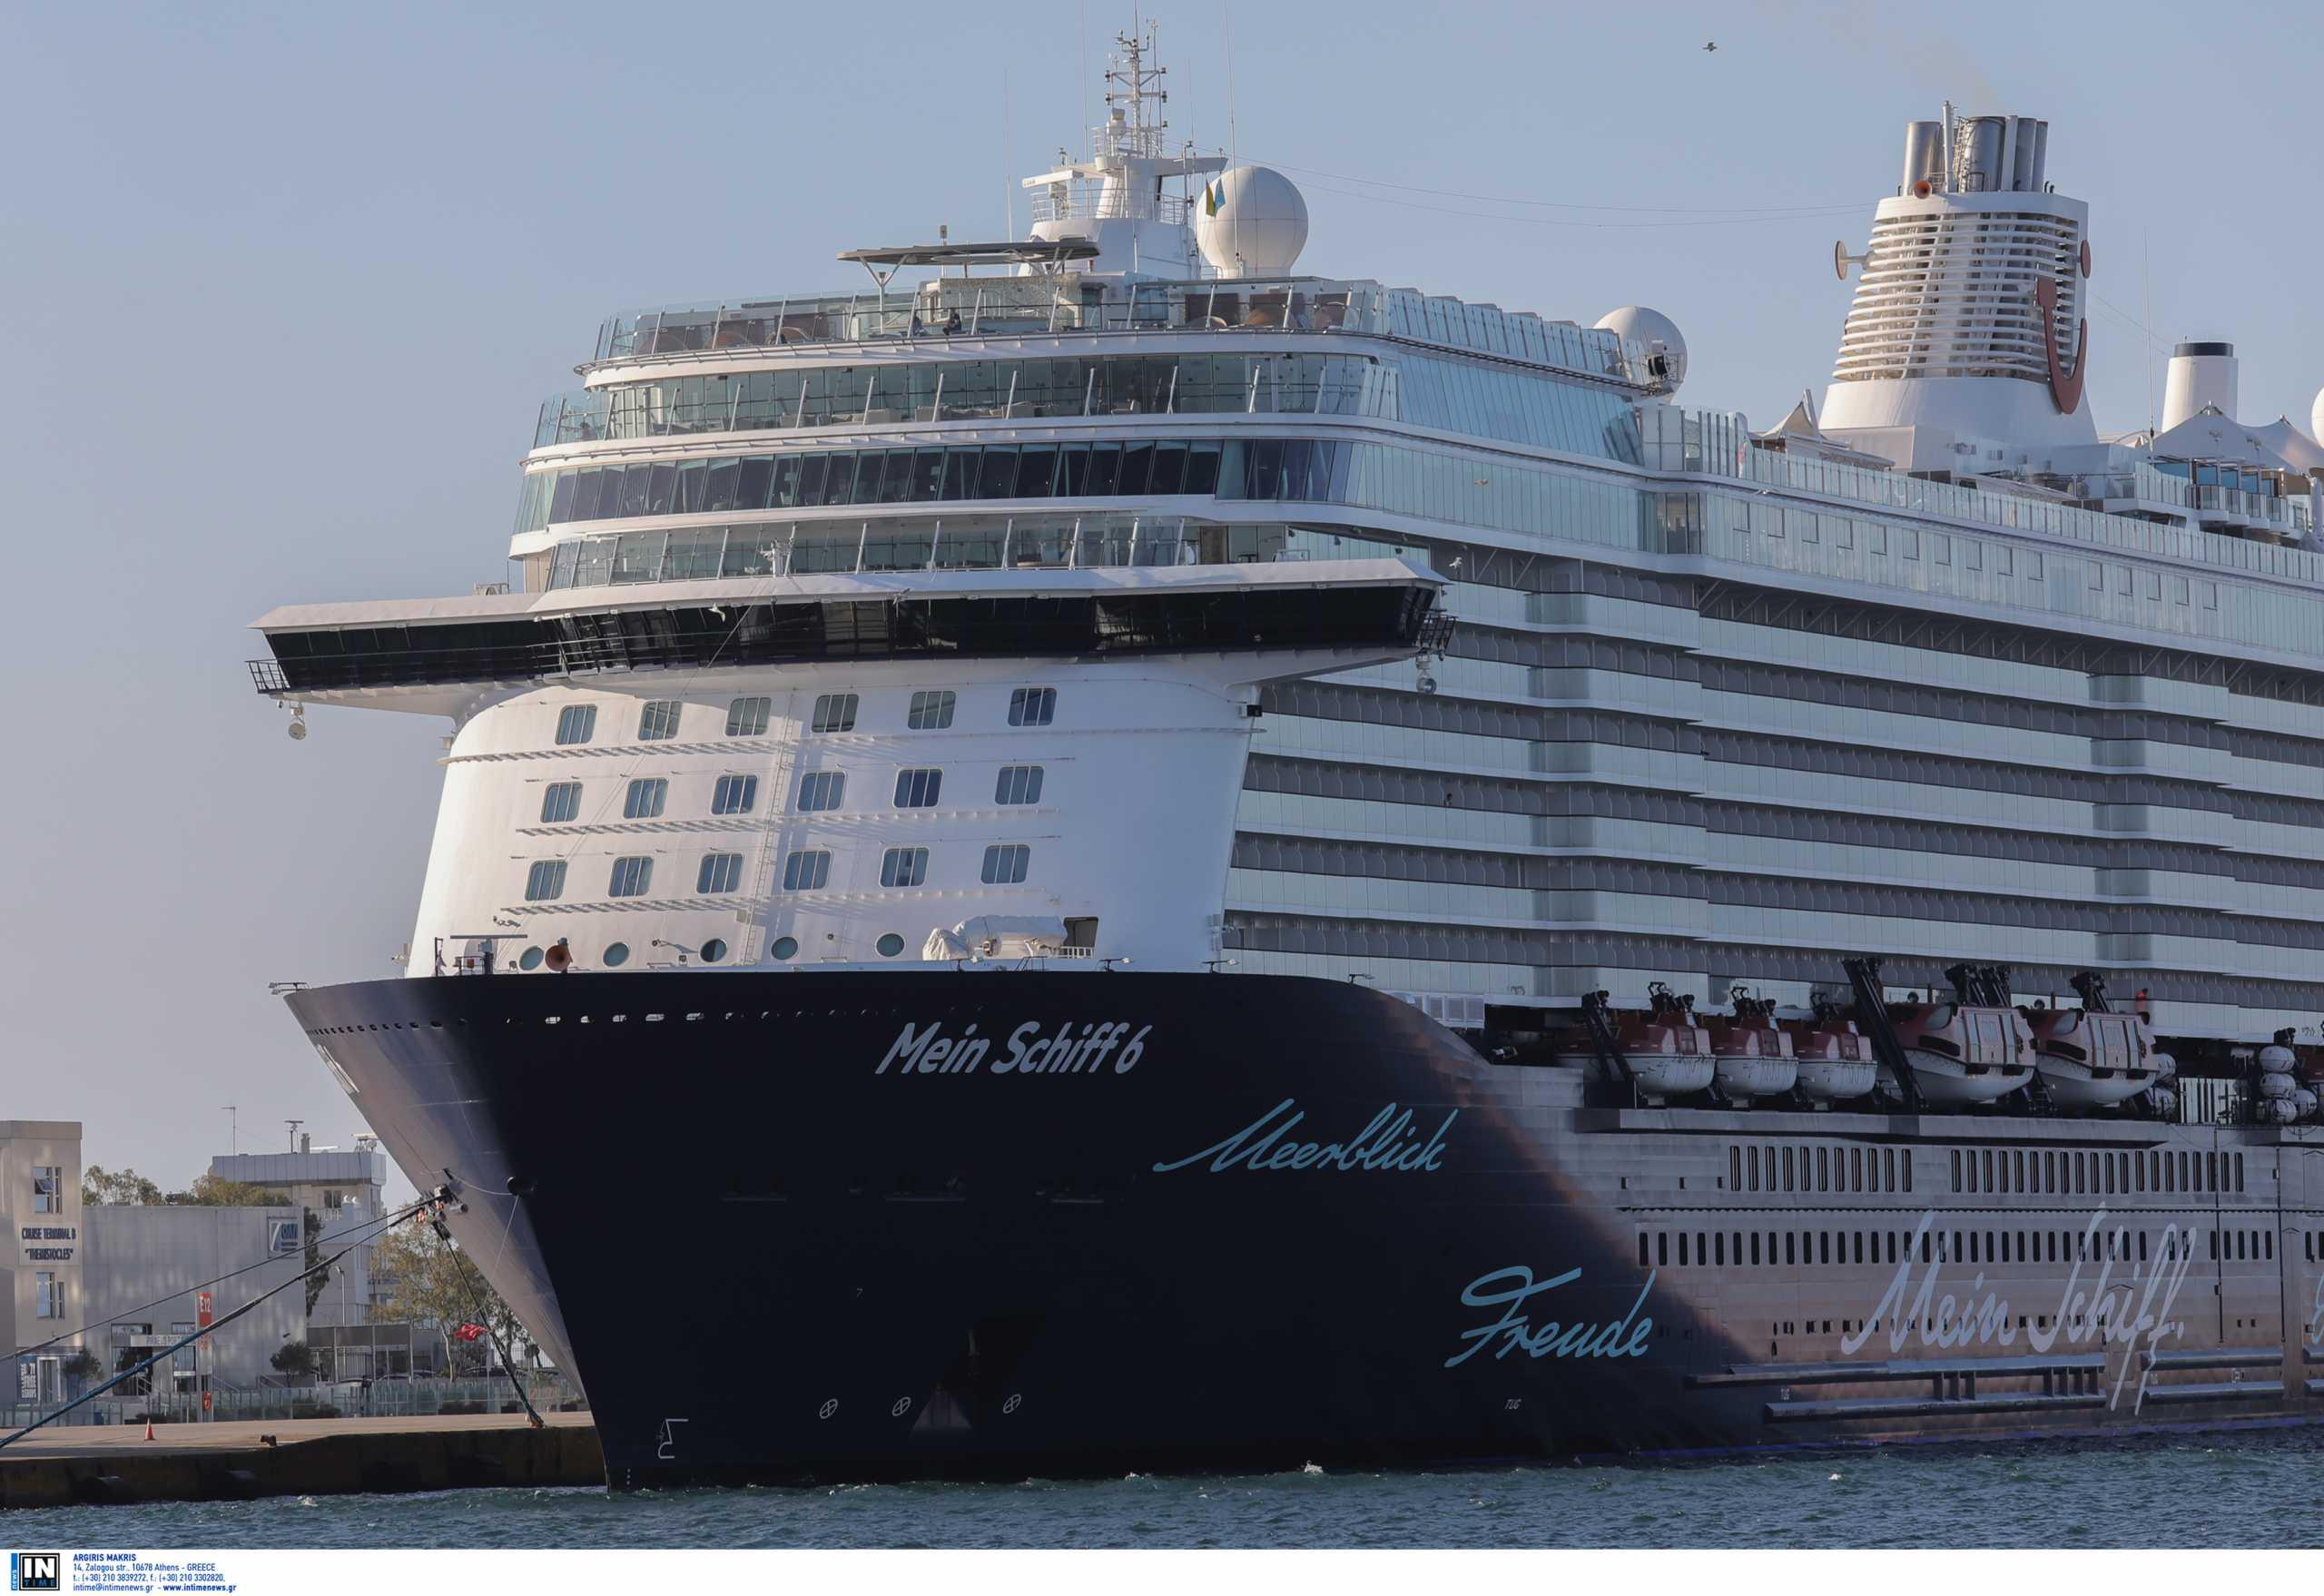 Κορκίδης: Πάνω από 40 κρουαζιερόπλοια θα επισκεφθούν 45 ελληνικά λιμάνια